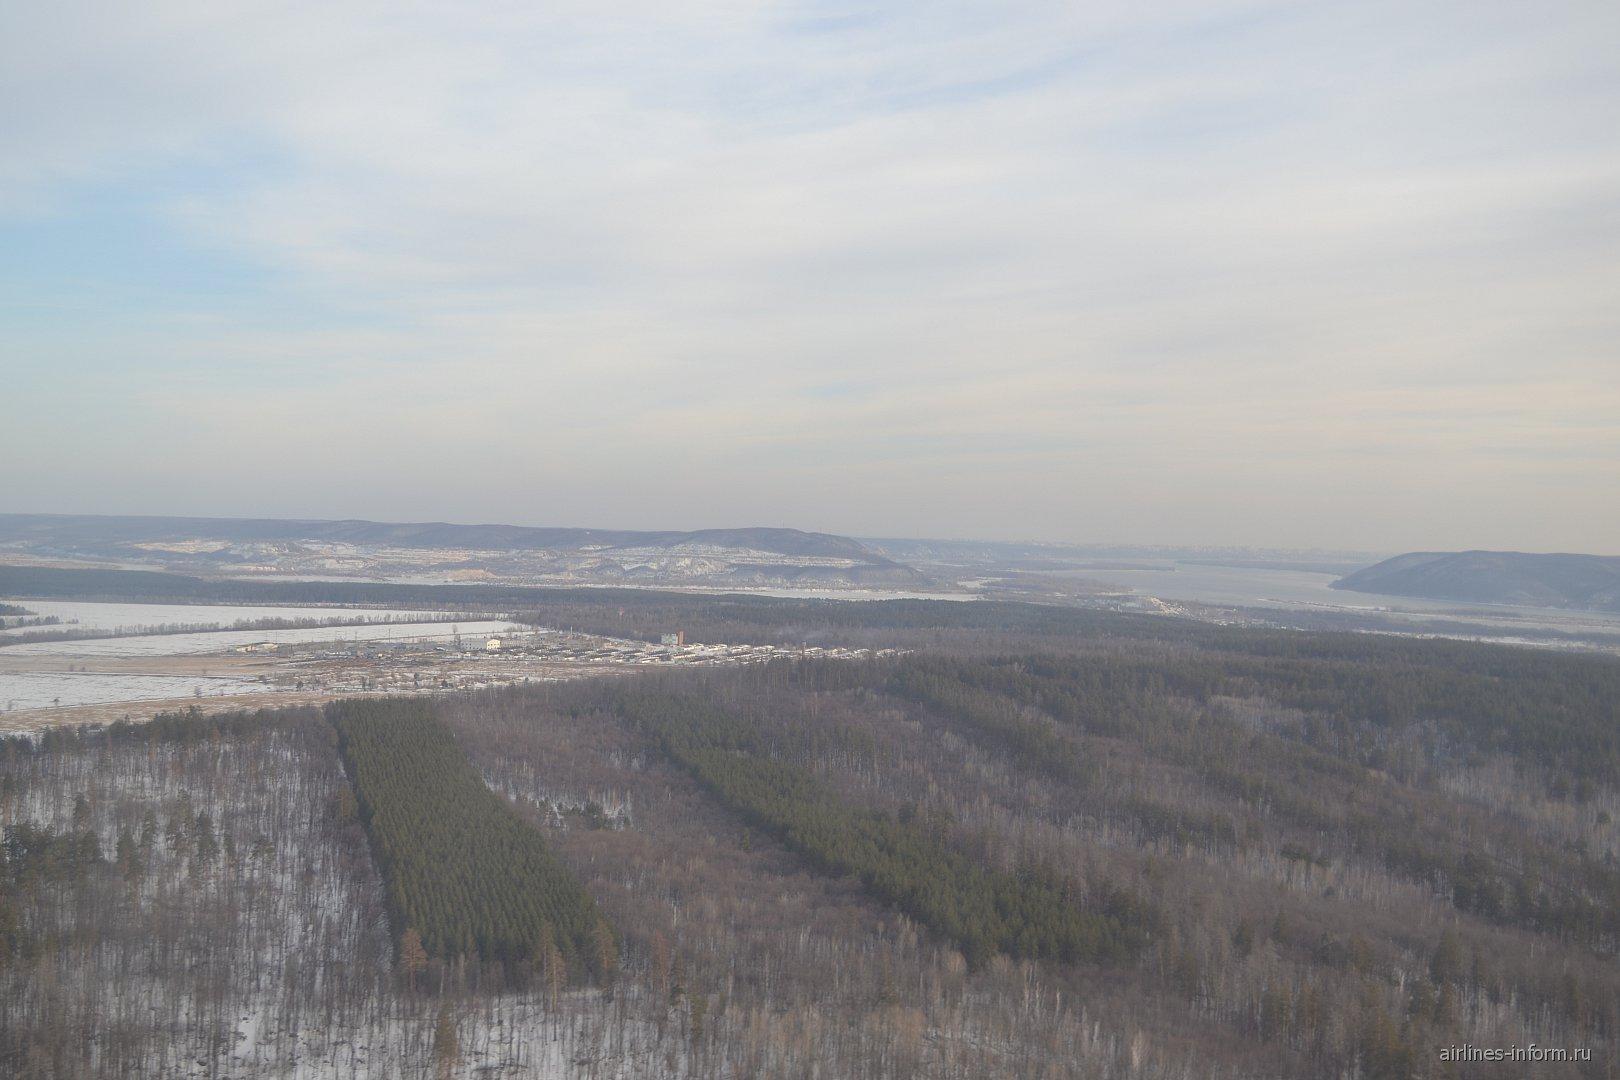 Жигулевские горы рядом с Самарой